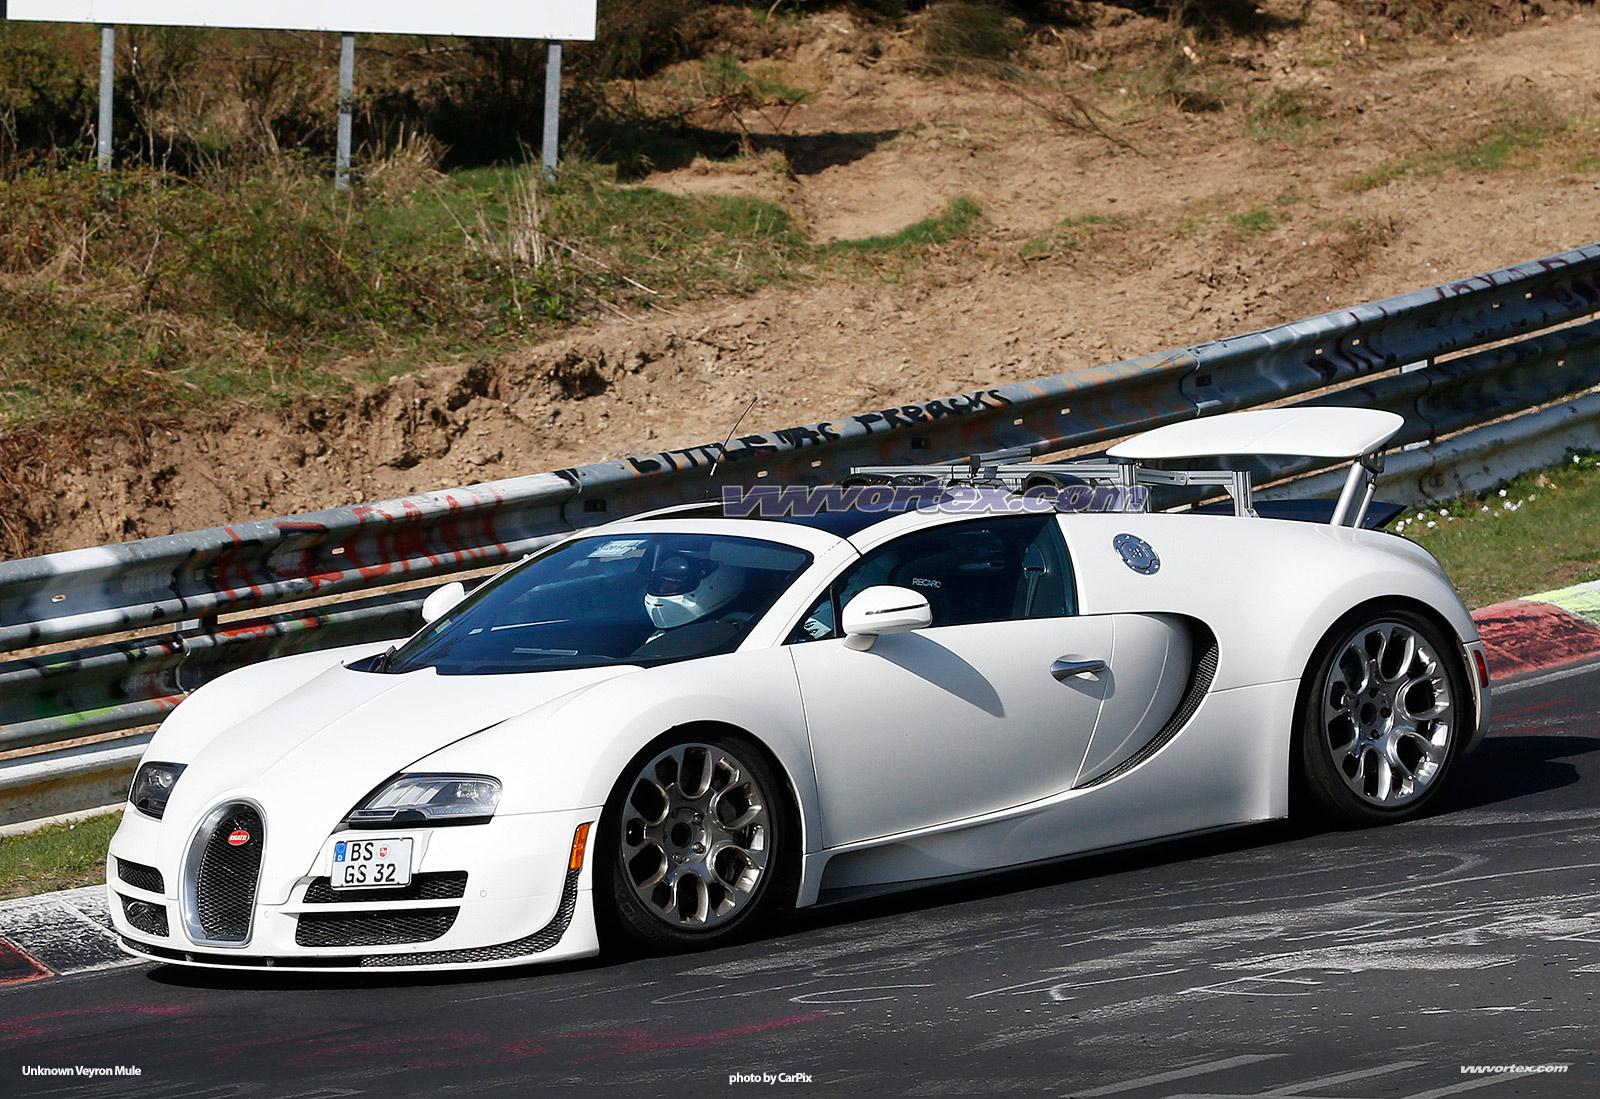 bugatti-veyron-mules-364